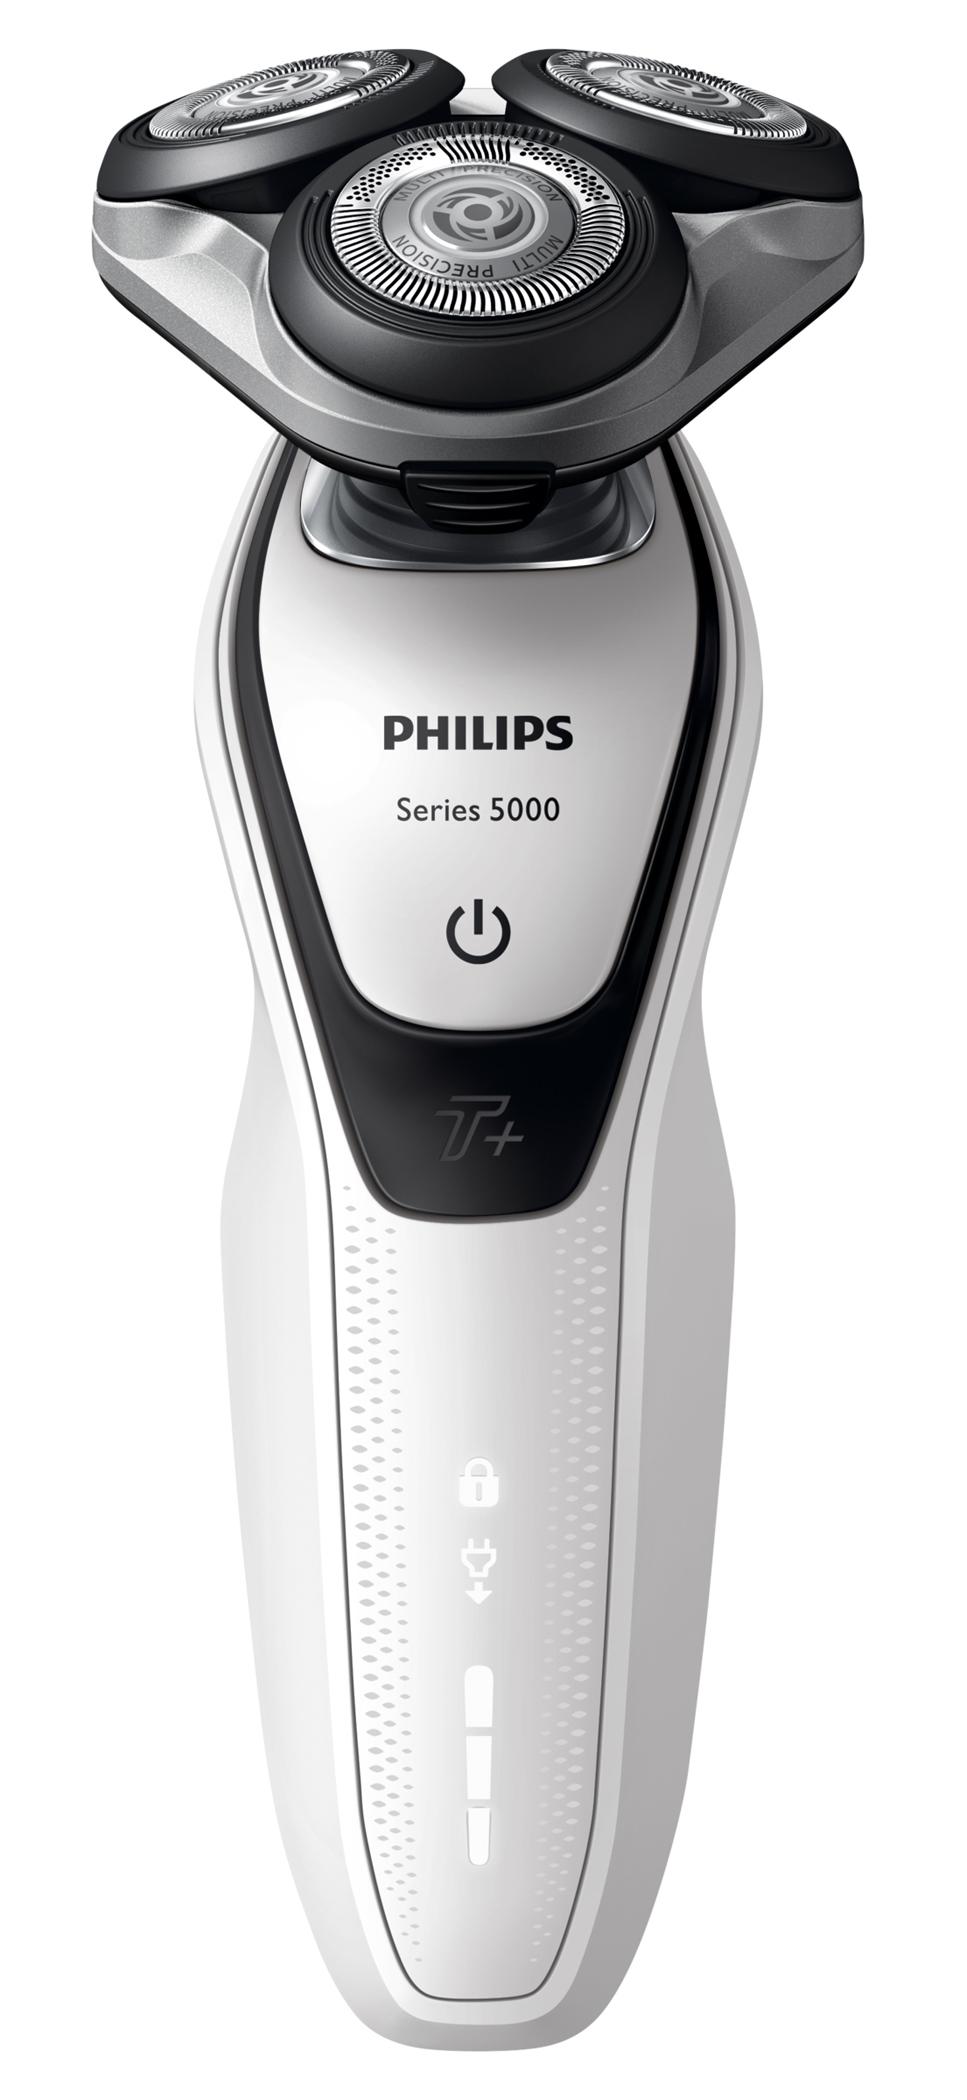 <h1>Philips Rasierer 5000 Series</h1><h3 style='font-size: 20px; margin: 0px 0px 15px 0px;'> -Limitierte Auflage zur Fußball-WM, Turbo+-Funktion</h3>